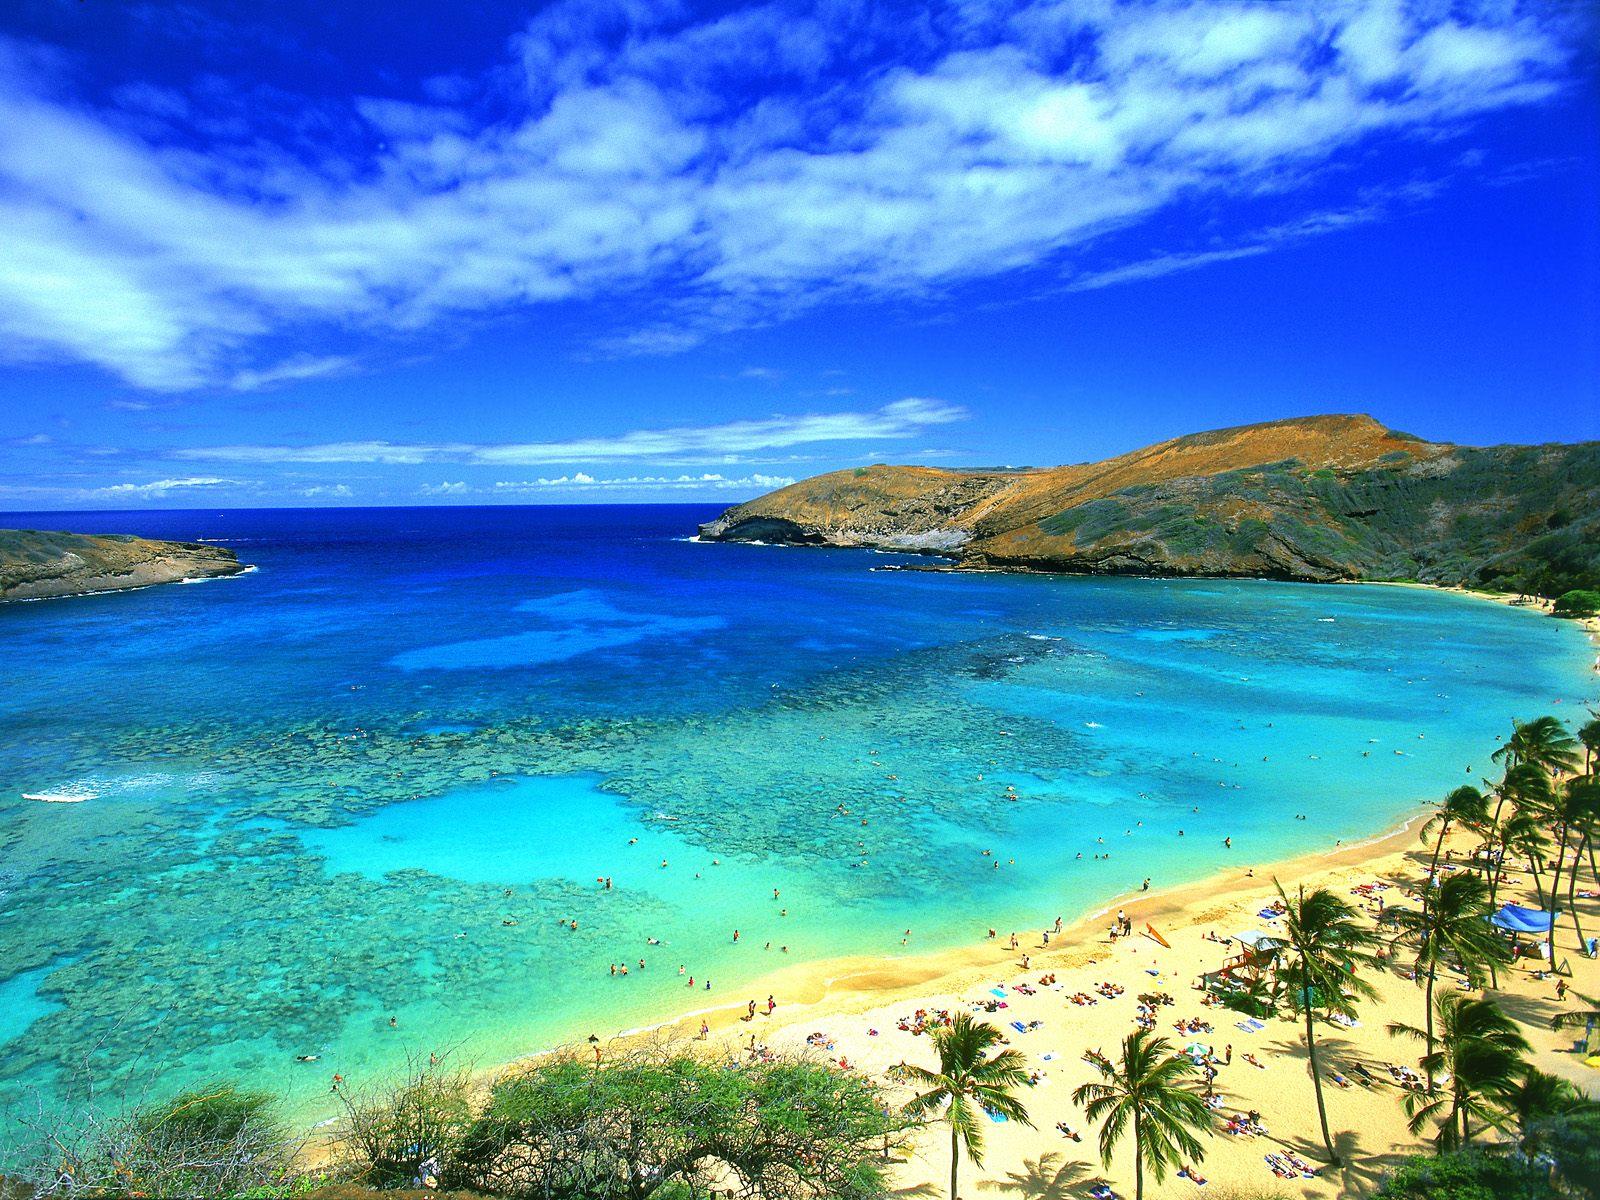 http://2.bp.blogspot.com/_nJz_VADoBJE/THS63t8Bt7I/AAAAAAAAA-A/AvyAGQIGU_4/s1600/beach_hd-5.jpg